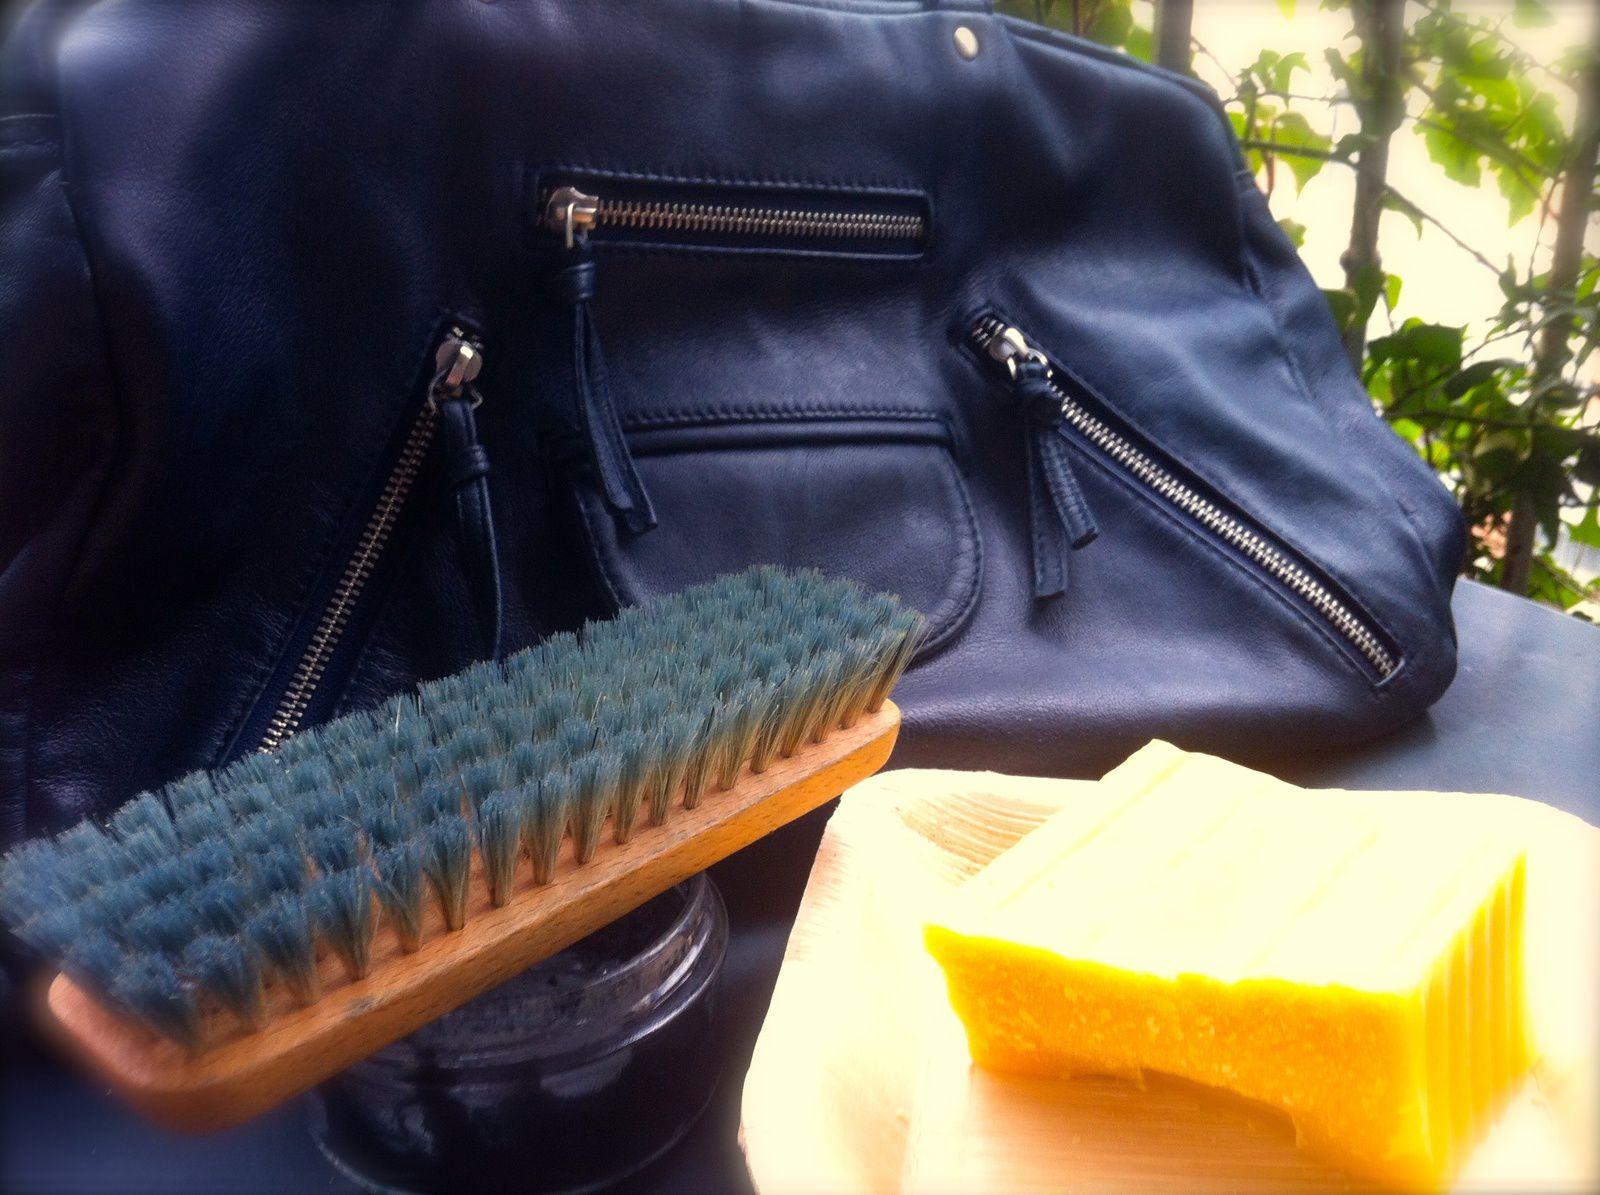 Fait maison le cirage pour le cuir color do it yourself la cire d 39 abeille - Comment enlever de la cire sur un vetement ...